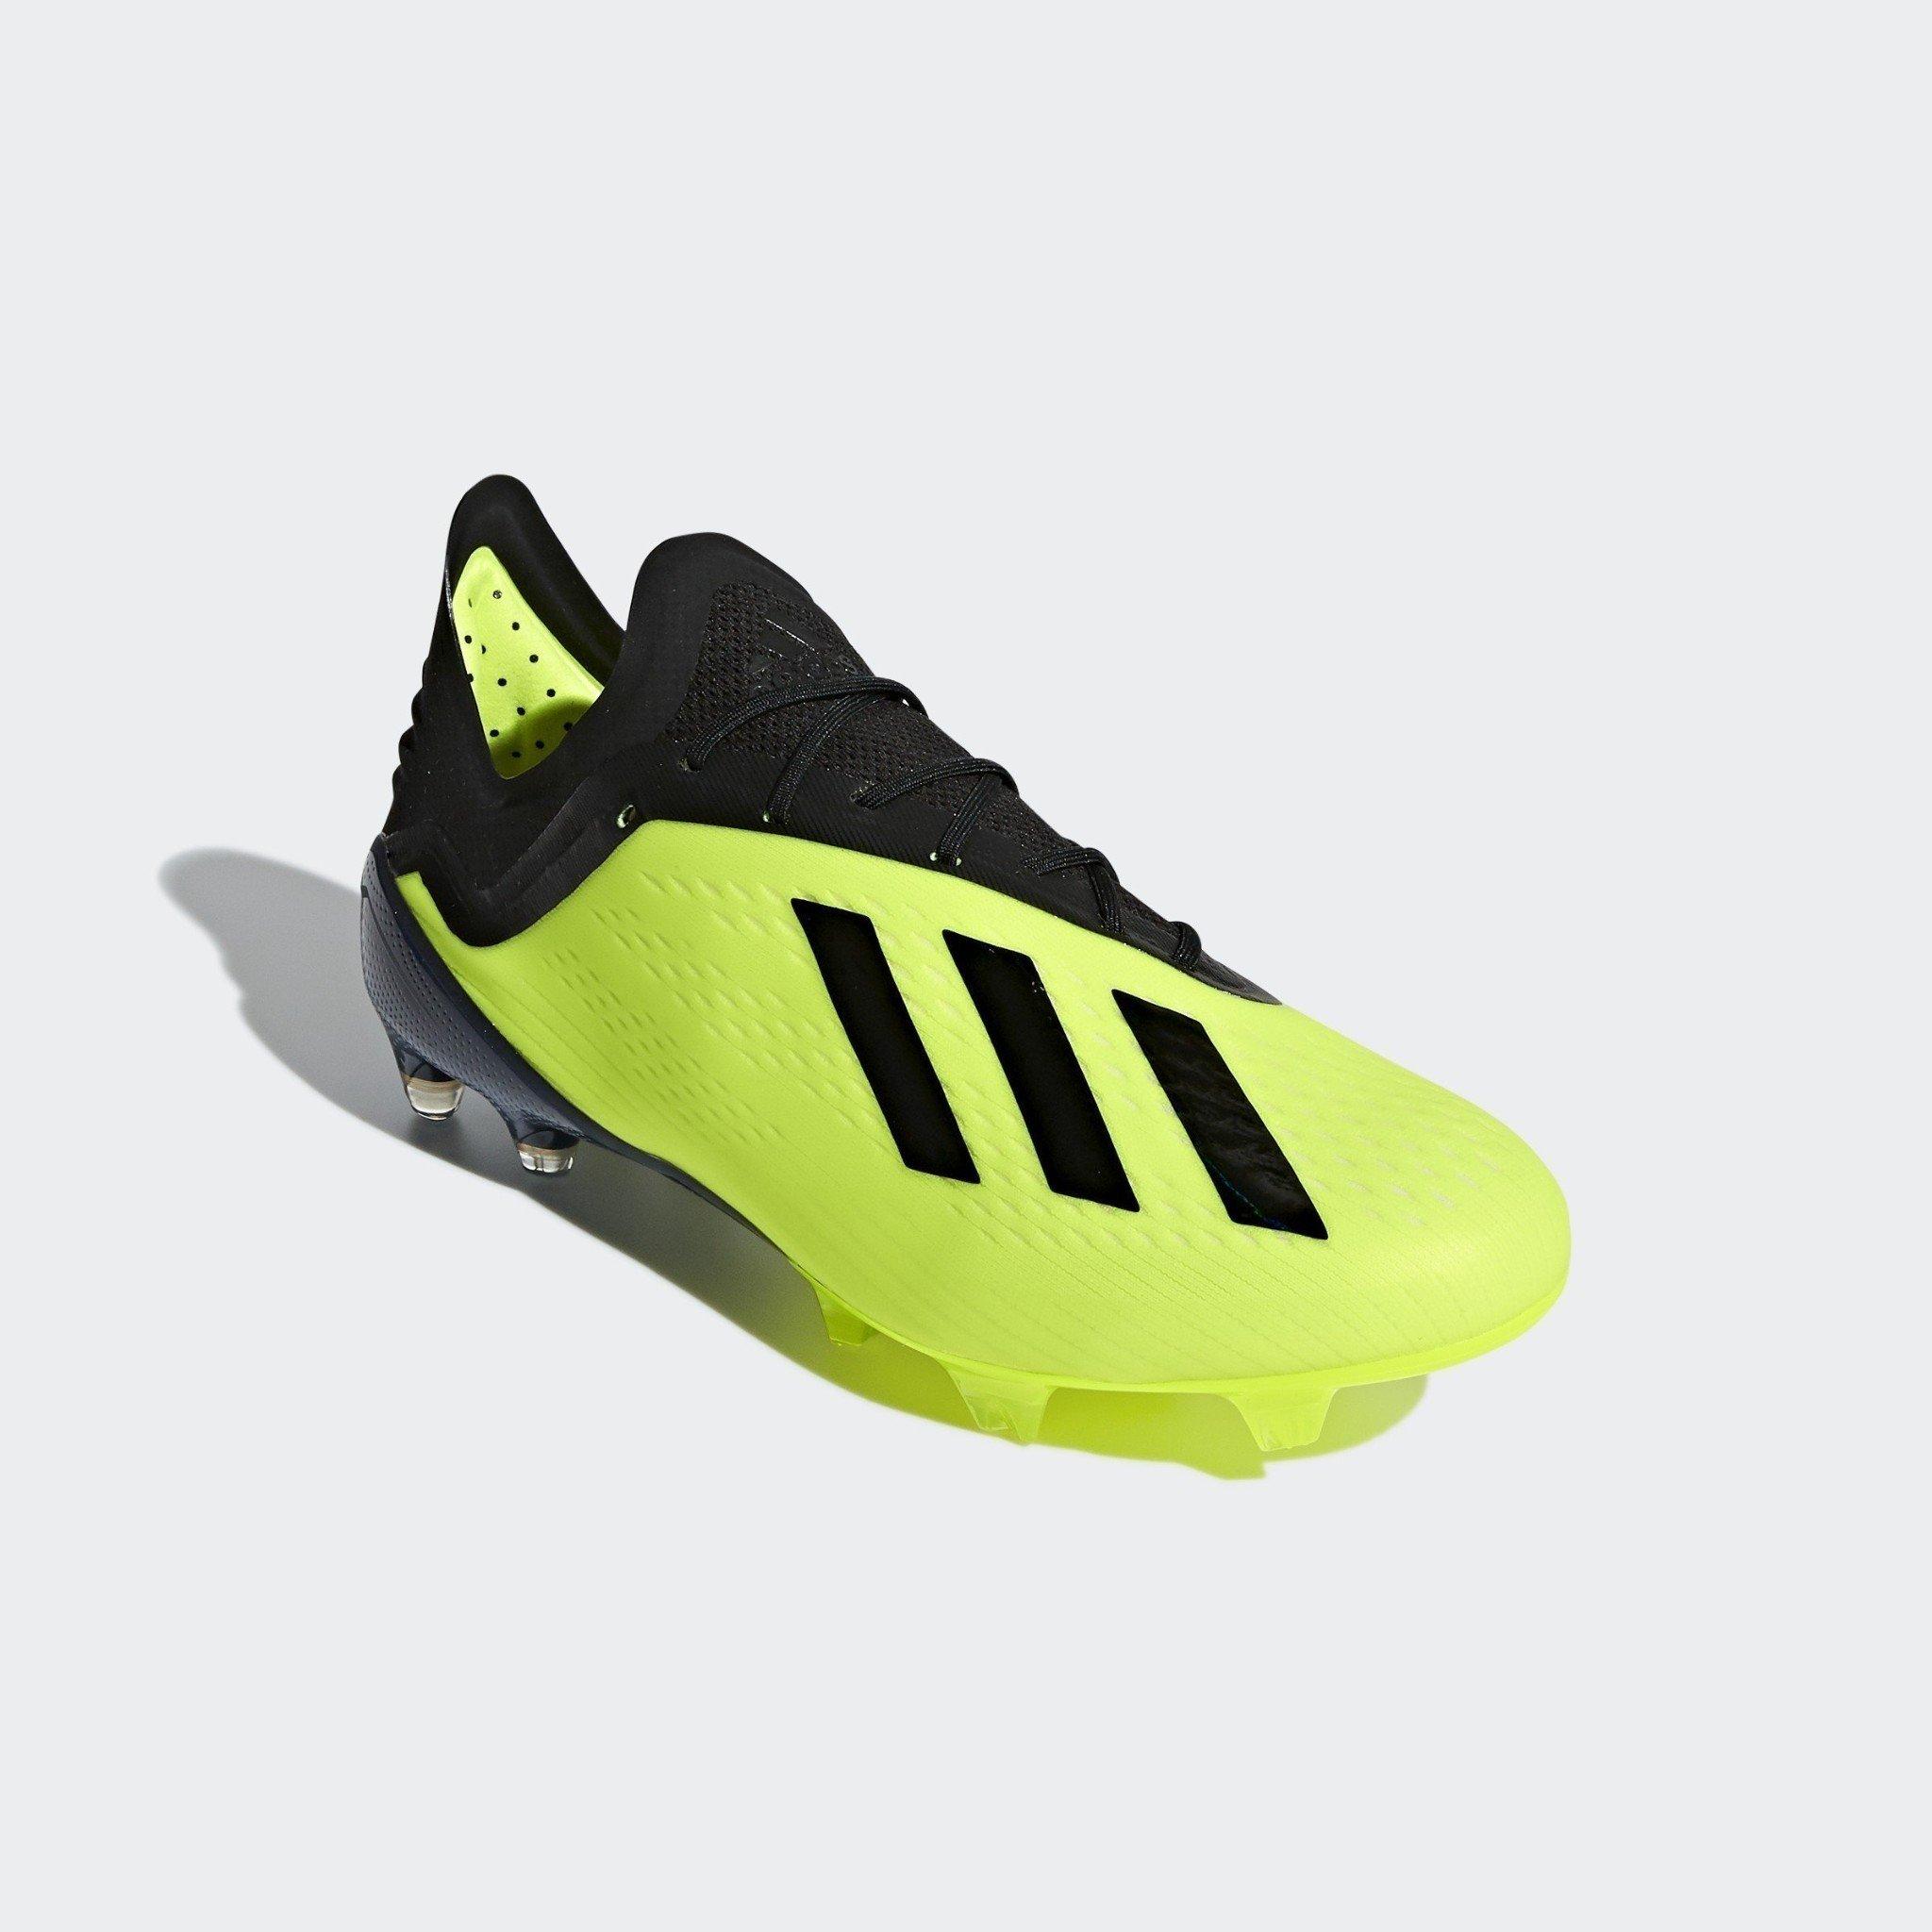 Giày đá banh adidas X 18.1 FG